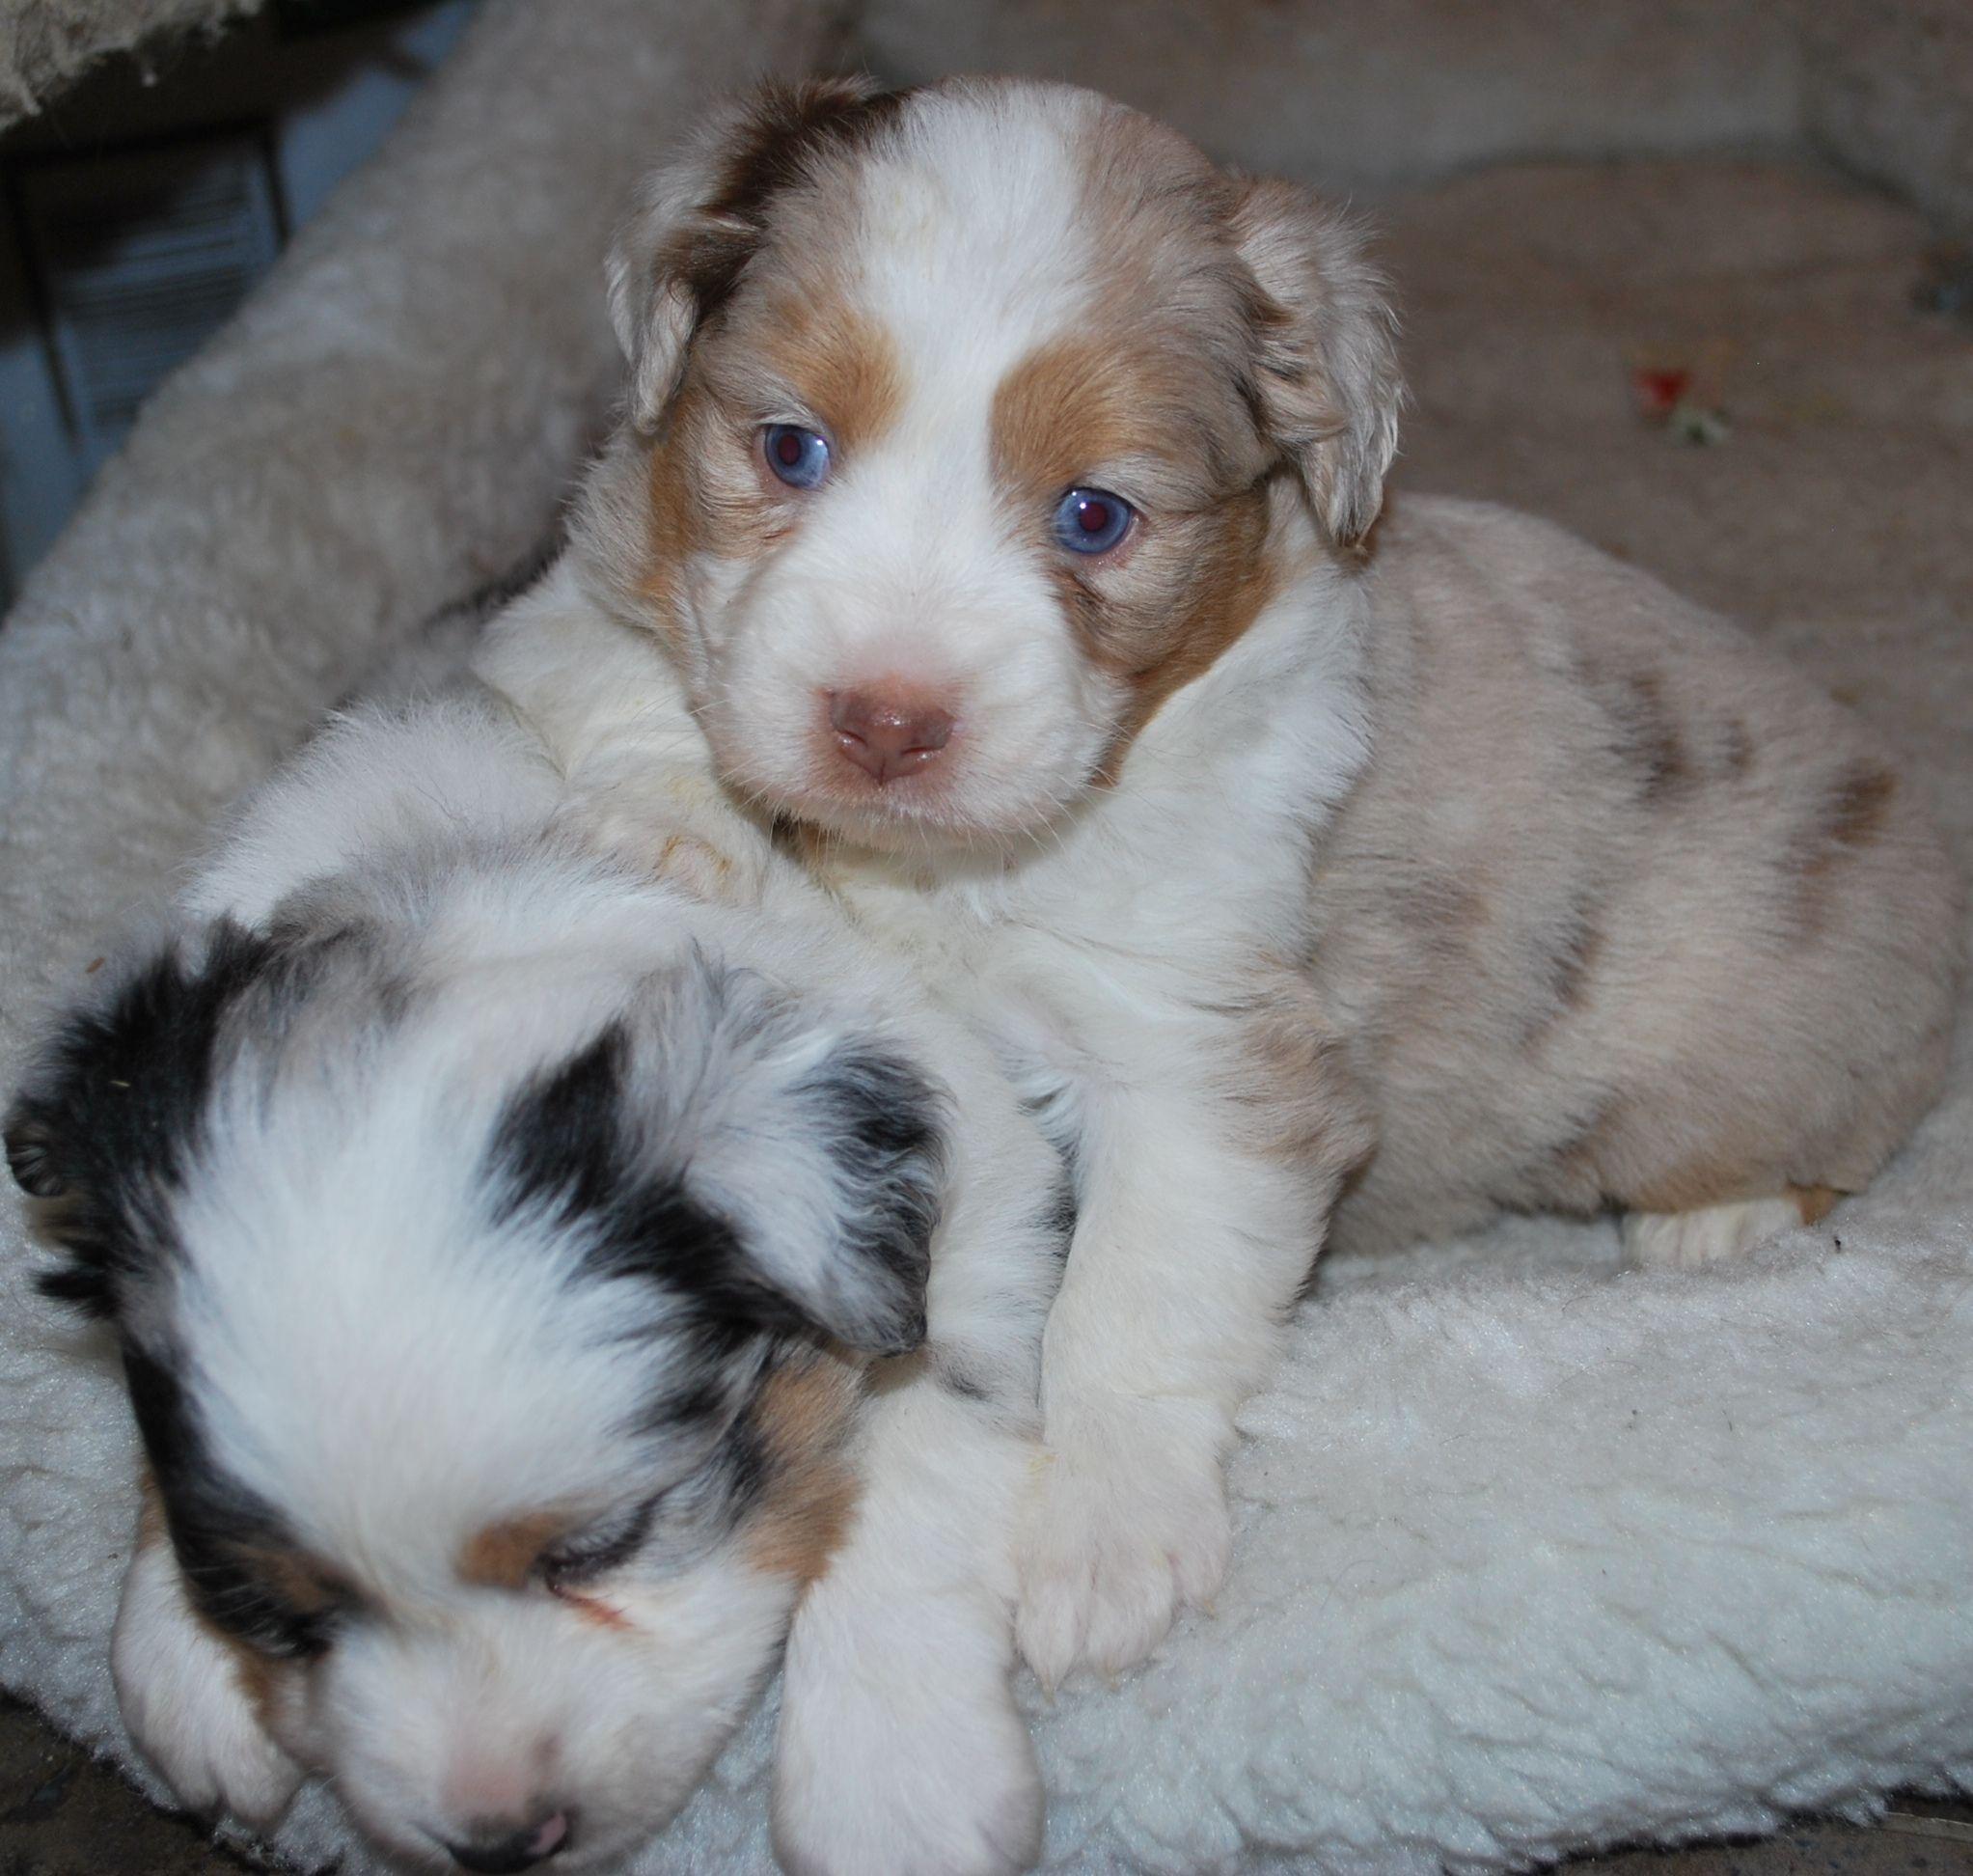 NachoPuppiesJan2011 Cute puppies, Puppies, Dogs